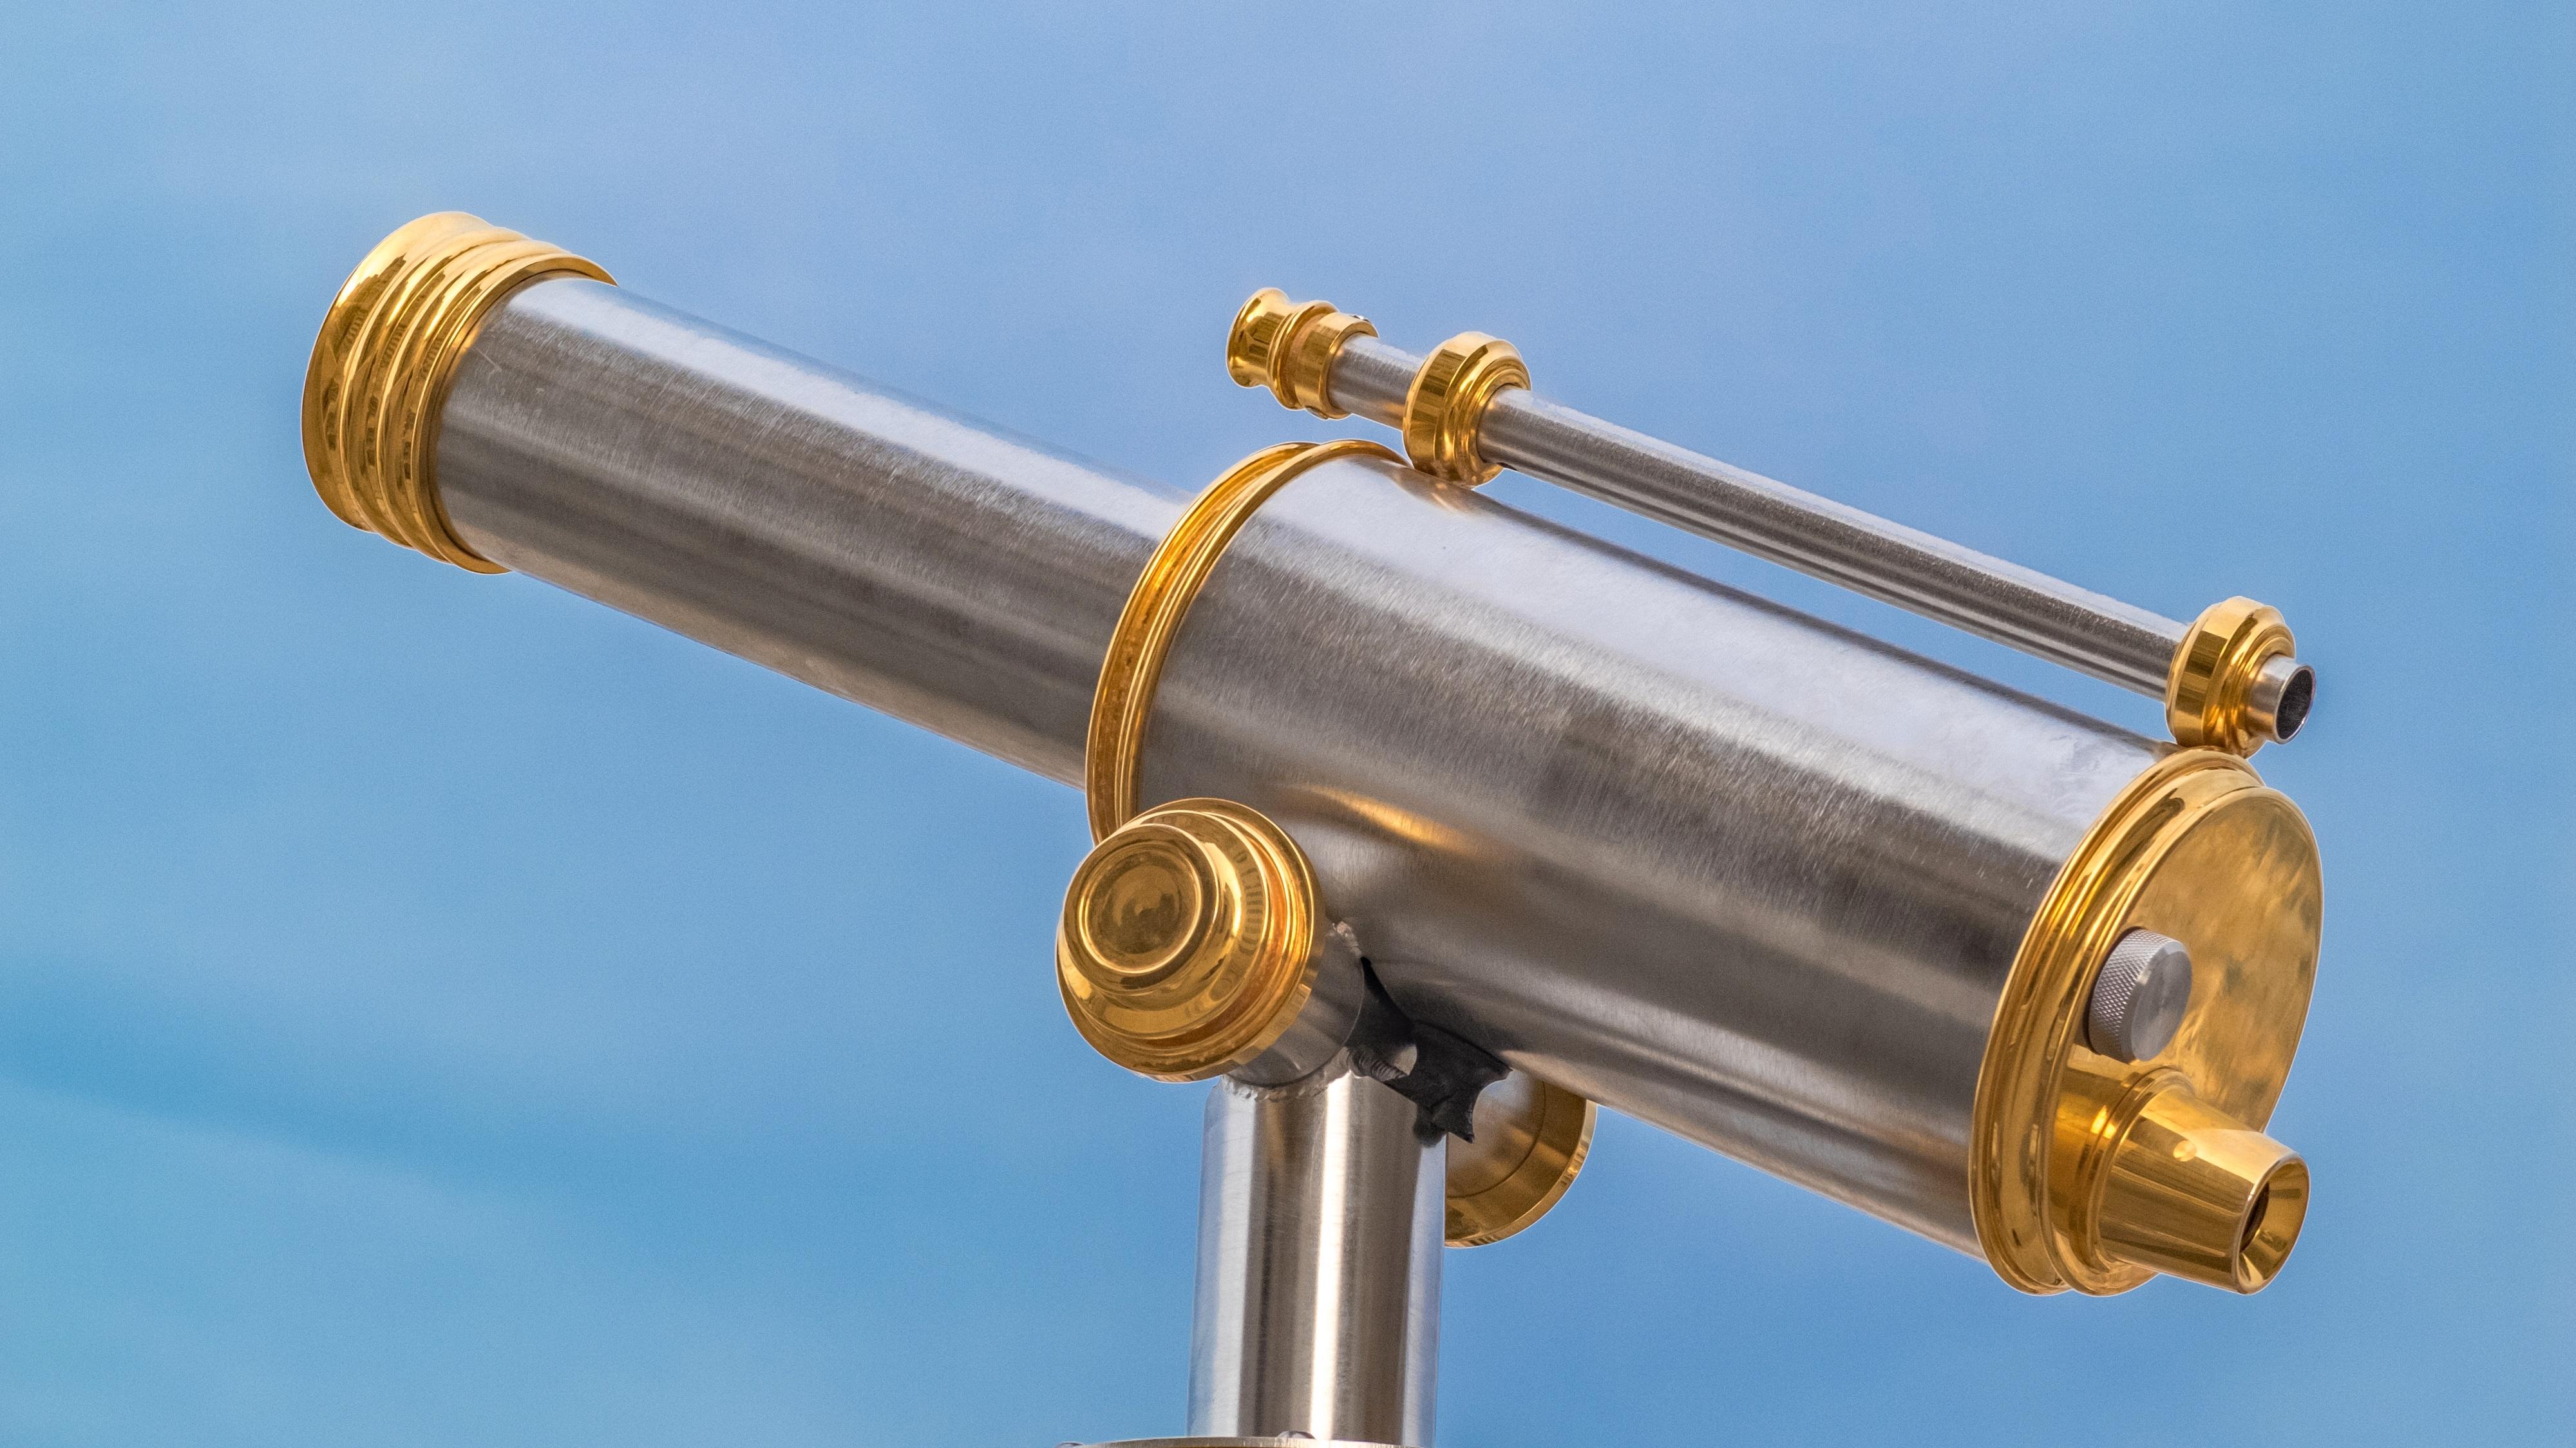 bakgrundsbilder panorama ser teleskop metall fokus m ssing vinkel observation cylinder. Black Bedroom Furniture Sets. Home Design Ideas